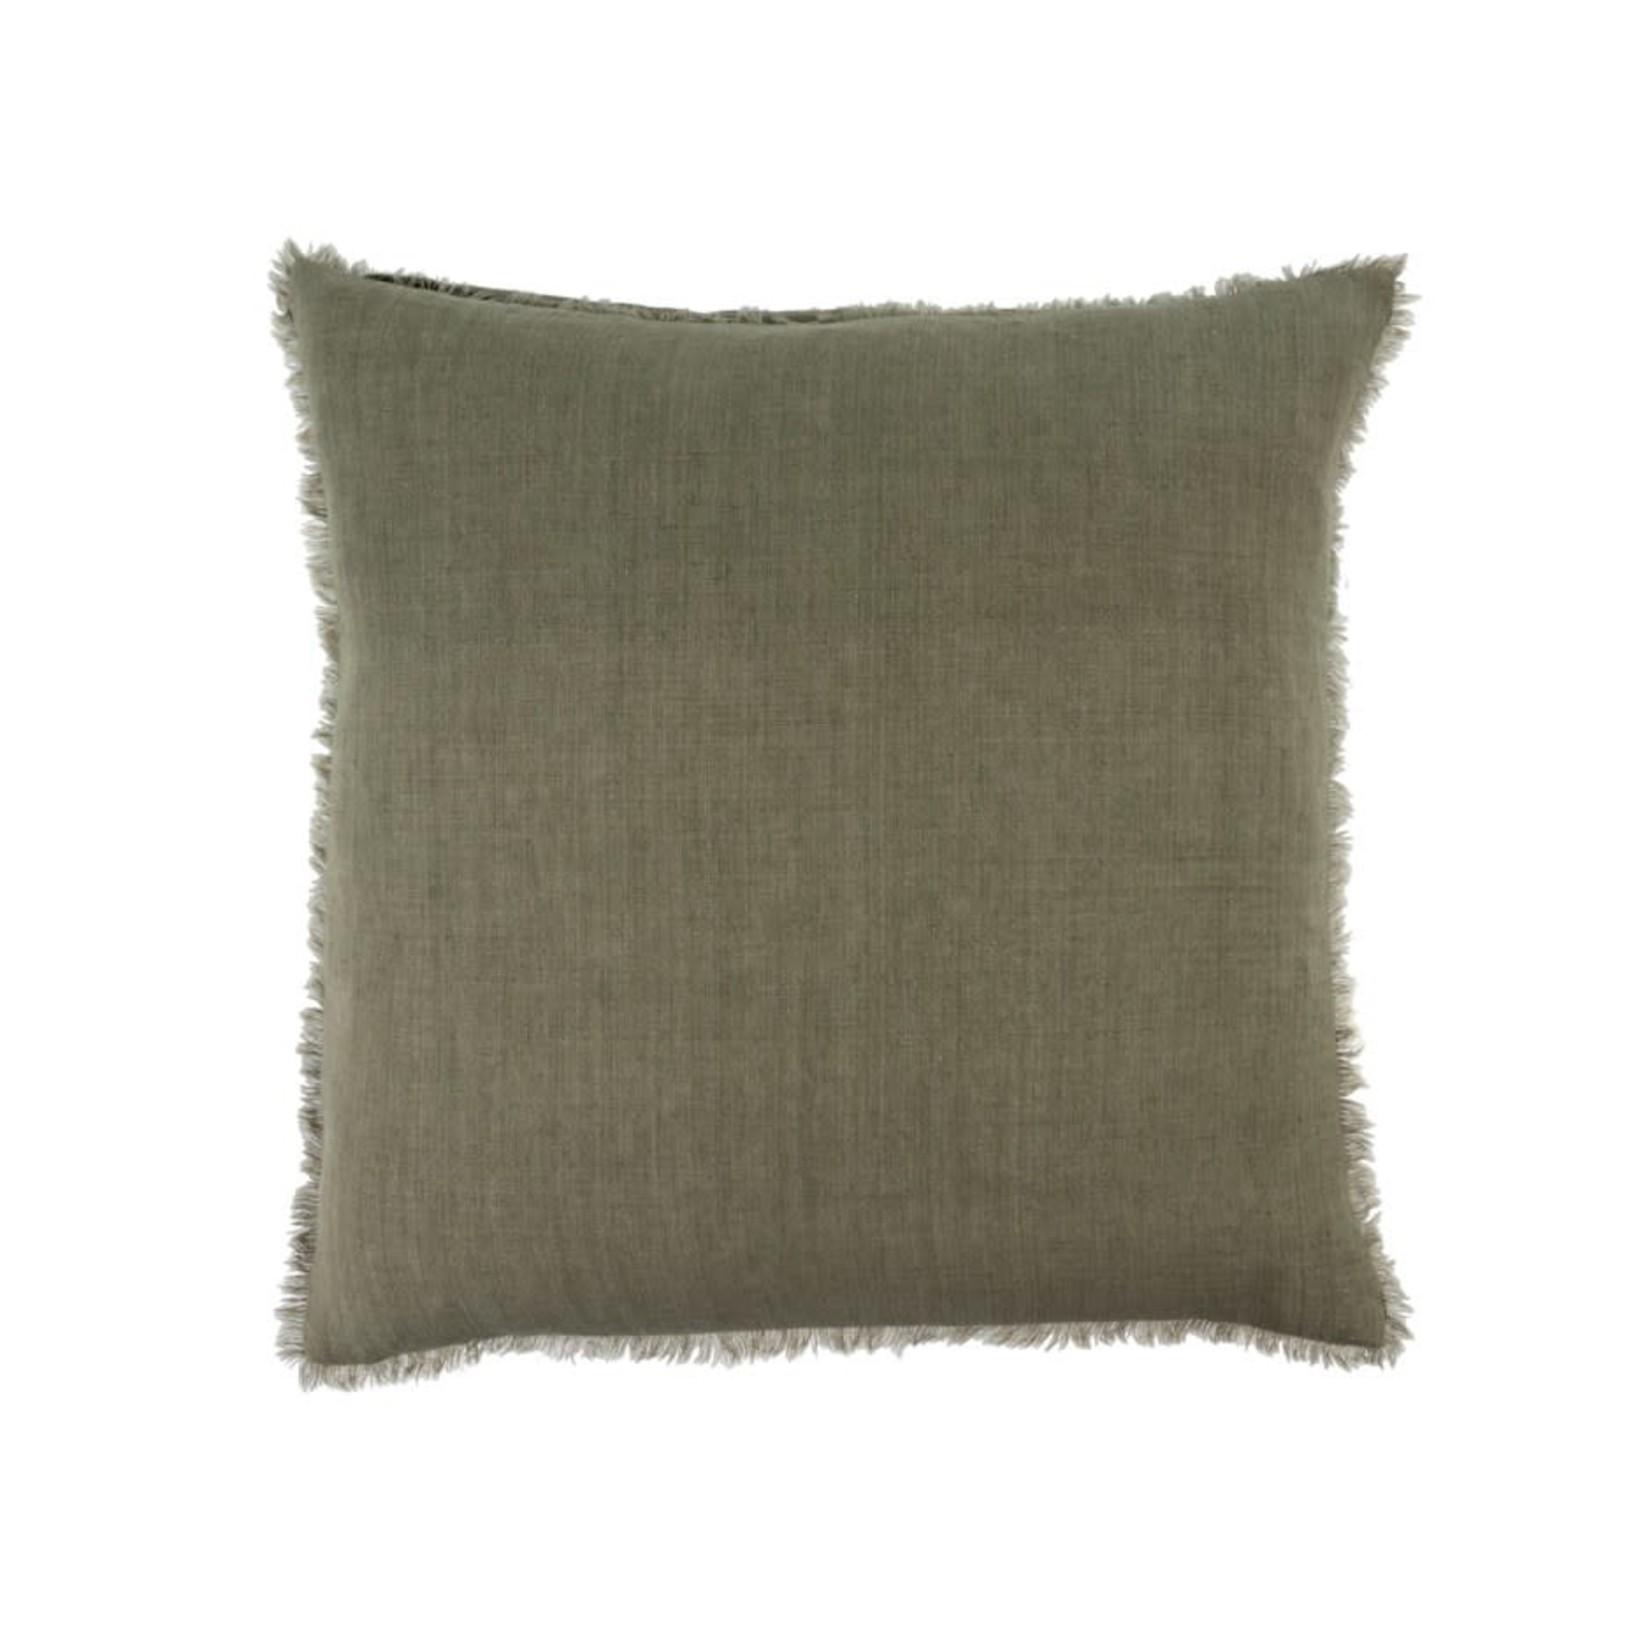 Laurel Lina Linen Pillow